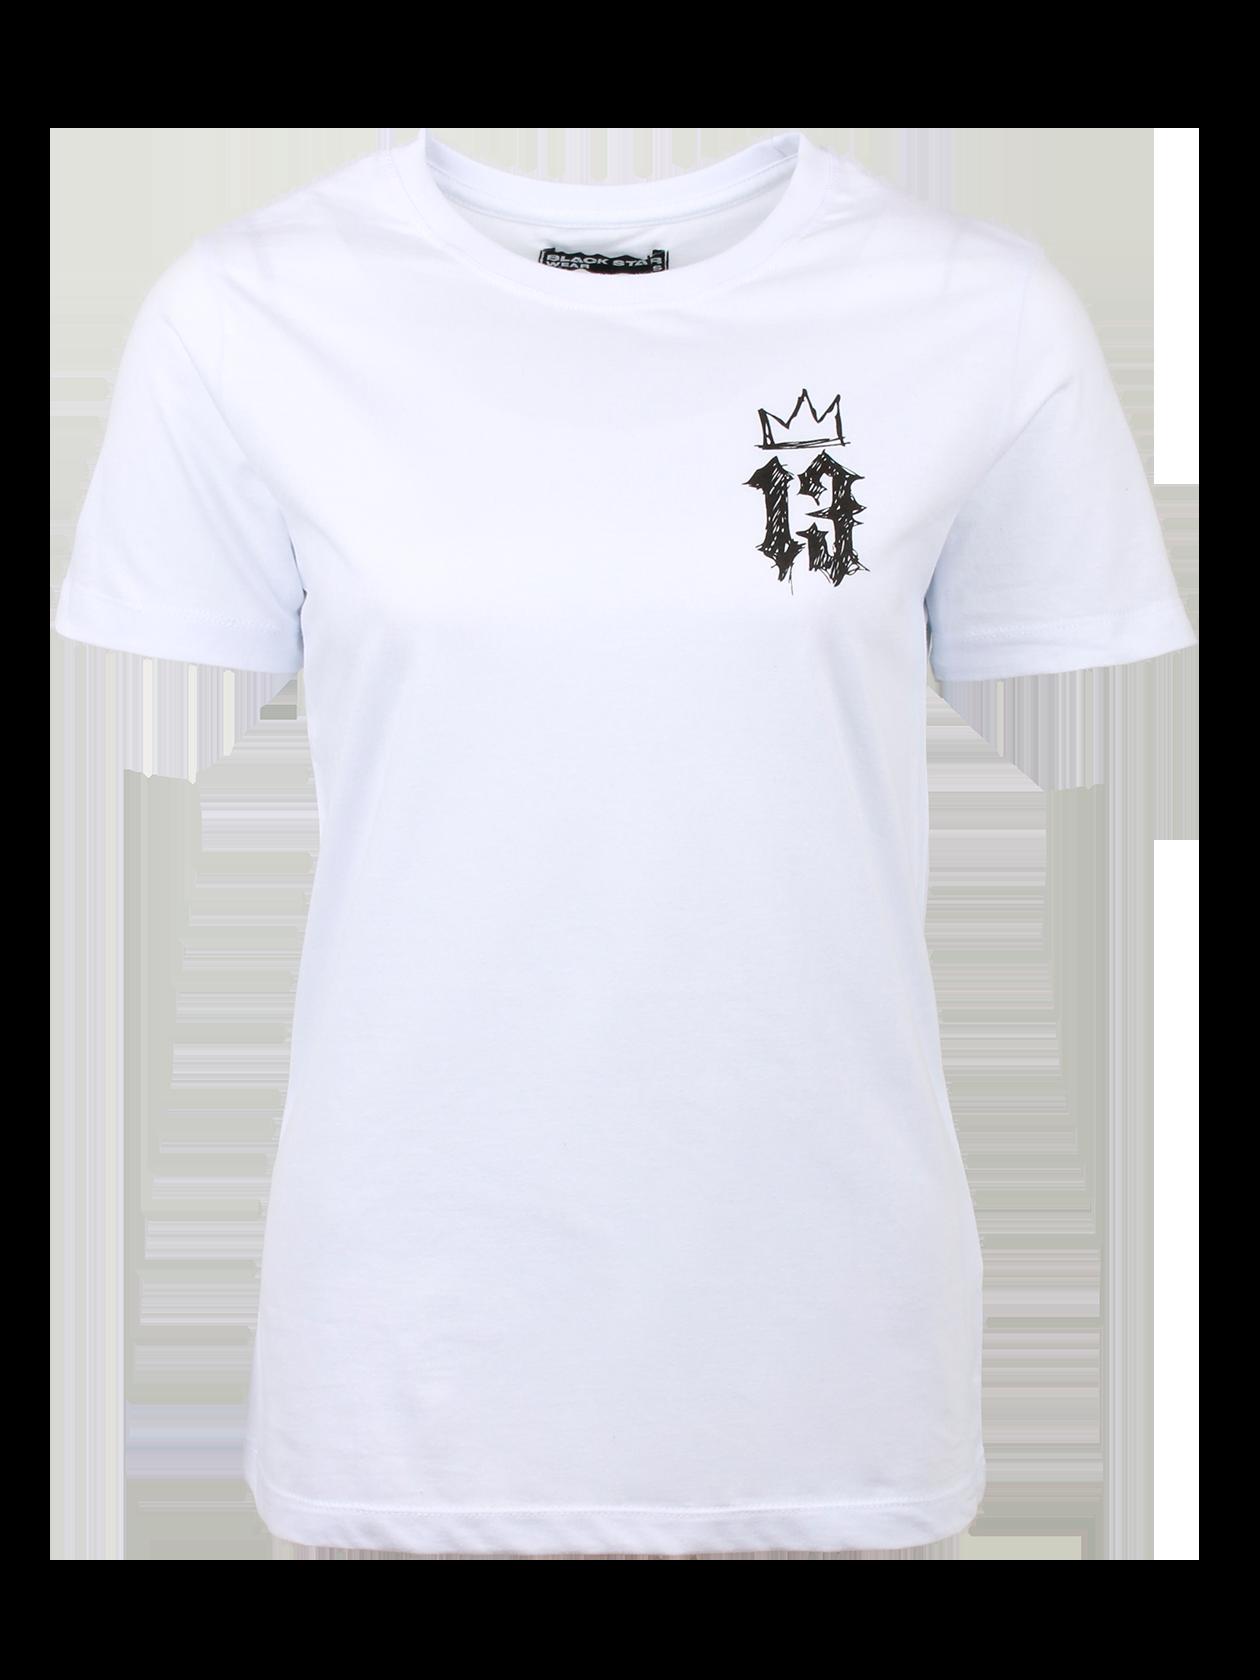 Футболка женская CROWN 13Стильная футболка женская Crown 13 из коллекции Black Star идеально впишется в любой гардероб. Изделие традиционного дизайна изготовлено из первоклассного 100% хлопка. Фасон прямой, силуэт полуприлегающий. Небольшой рукав и круглая горловина с жаккардовым логотипом Black Star Wear с внутренней стороны. Примечательная деталь – контрастный принт на груди с цифрой 13 и короной в оригинальном изображении. Футболка доступна в двух расцветках – белой и черной.<br><br>Размер: M<br>Цвет: Белый<br>Пол: Женский